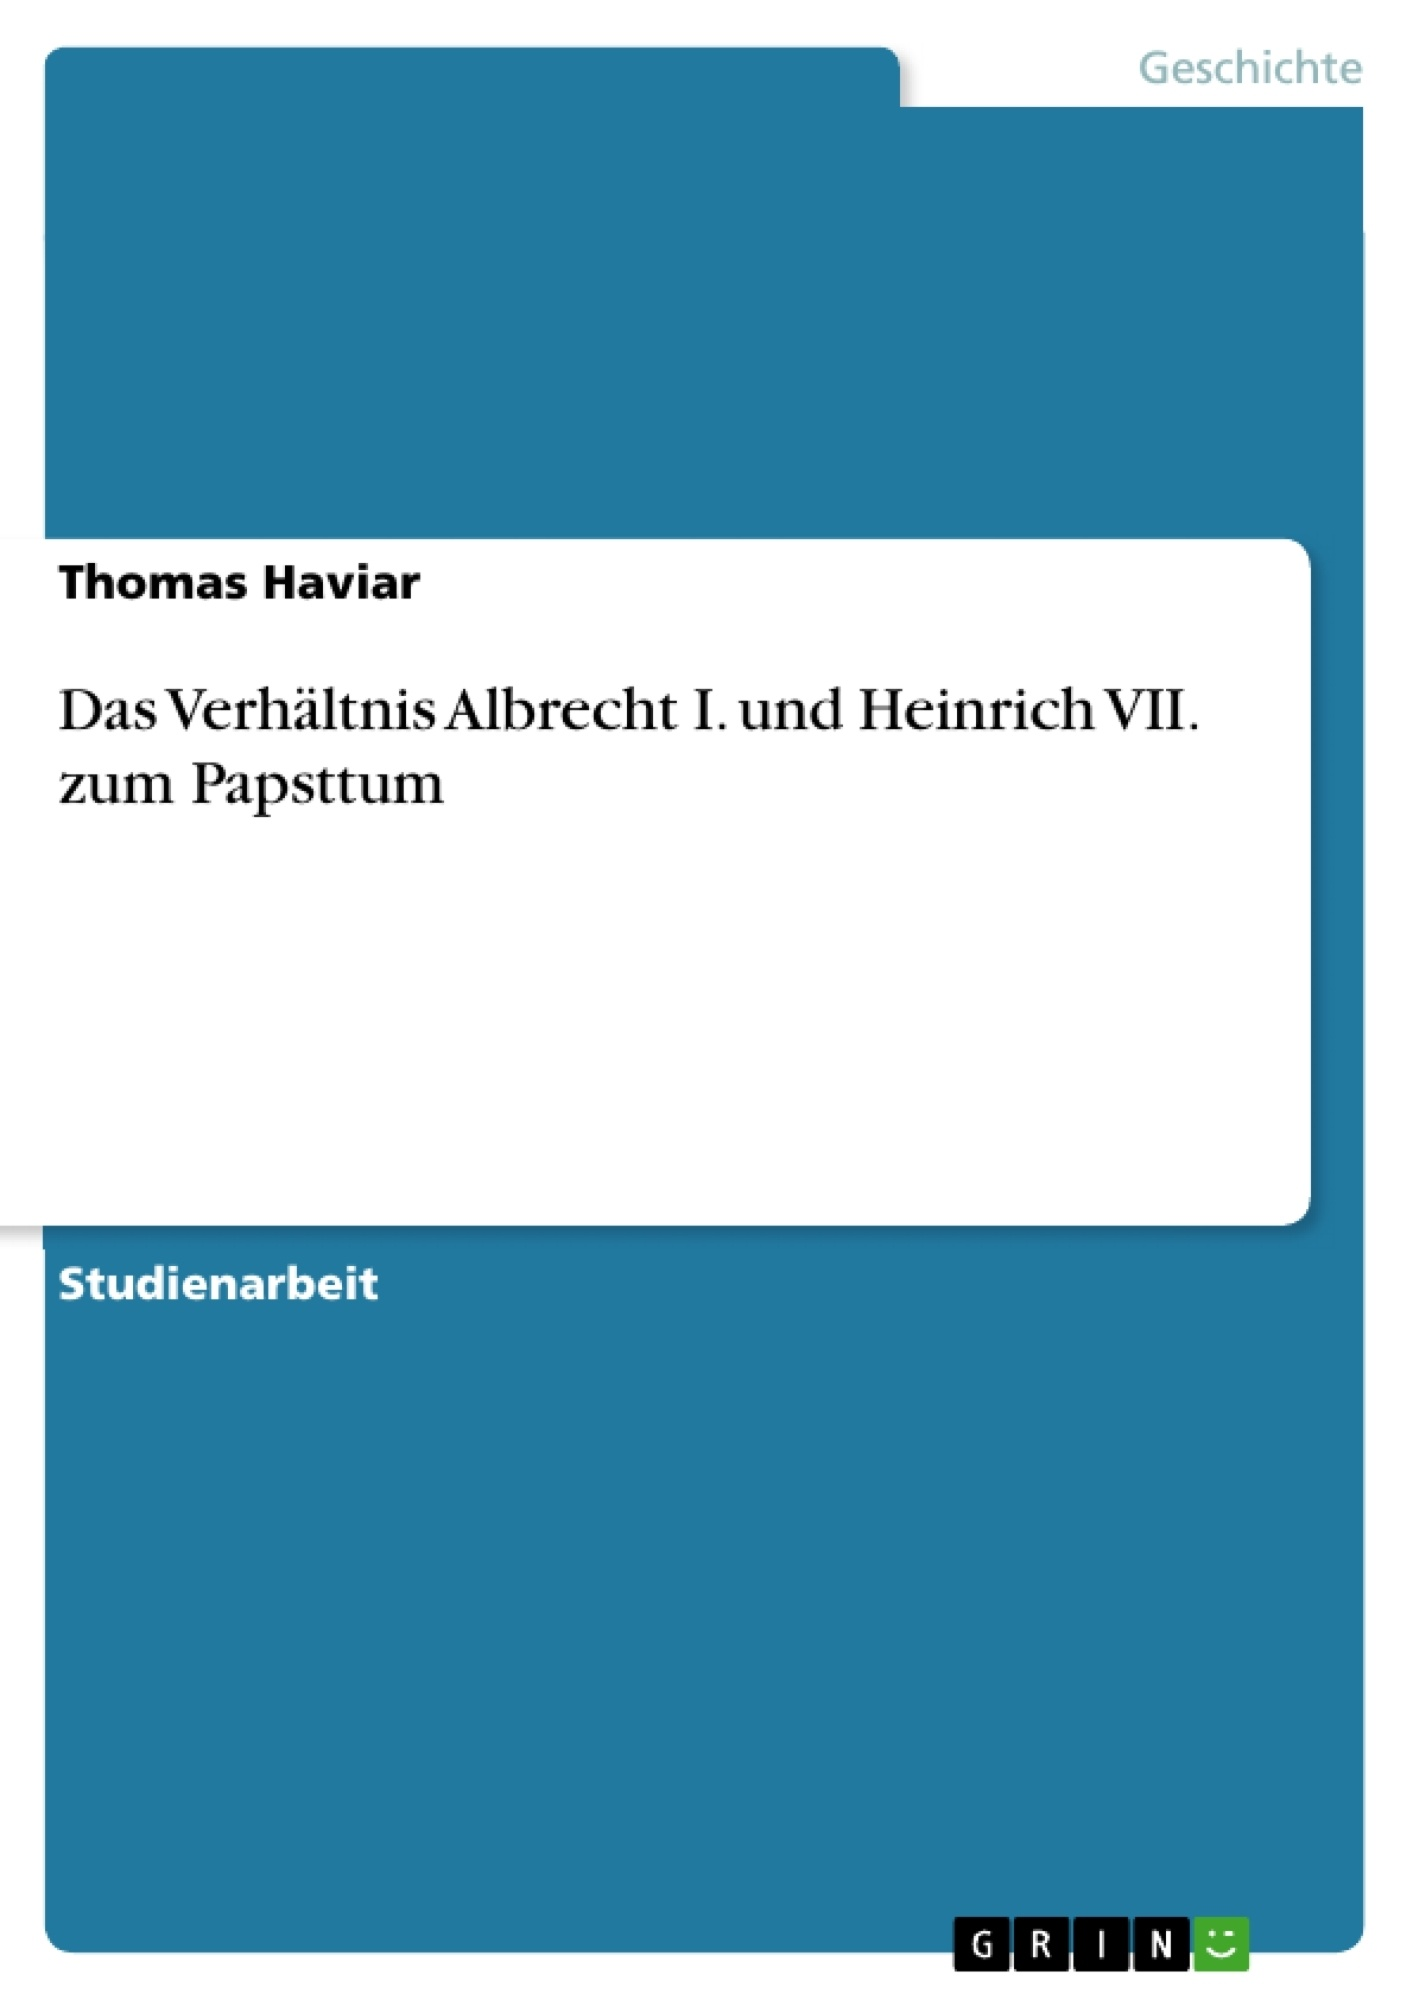 Titel: Das Verhältnis Albrecht I. und Heinrich VII. zum Papsttum